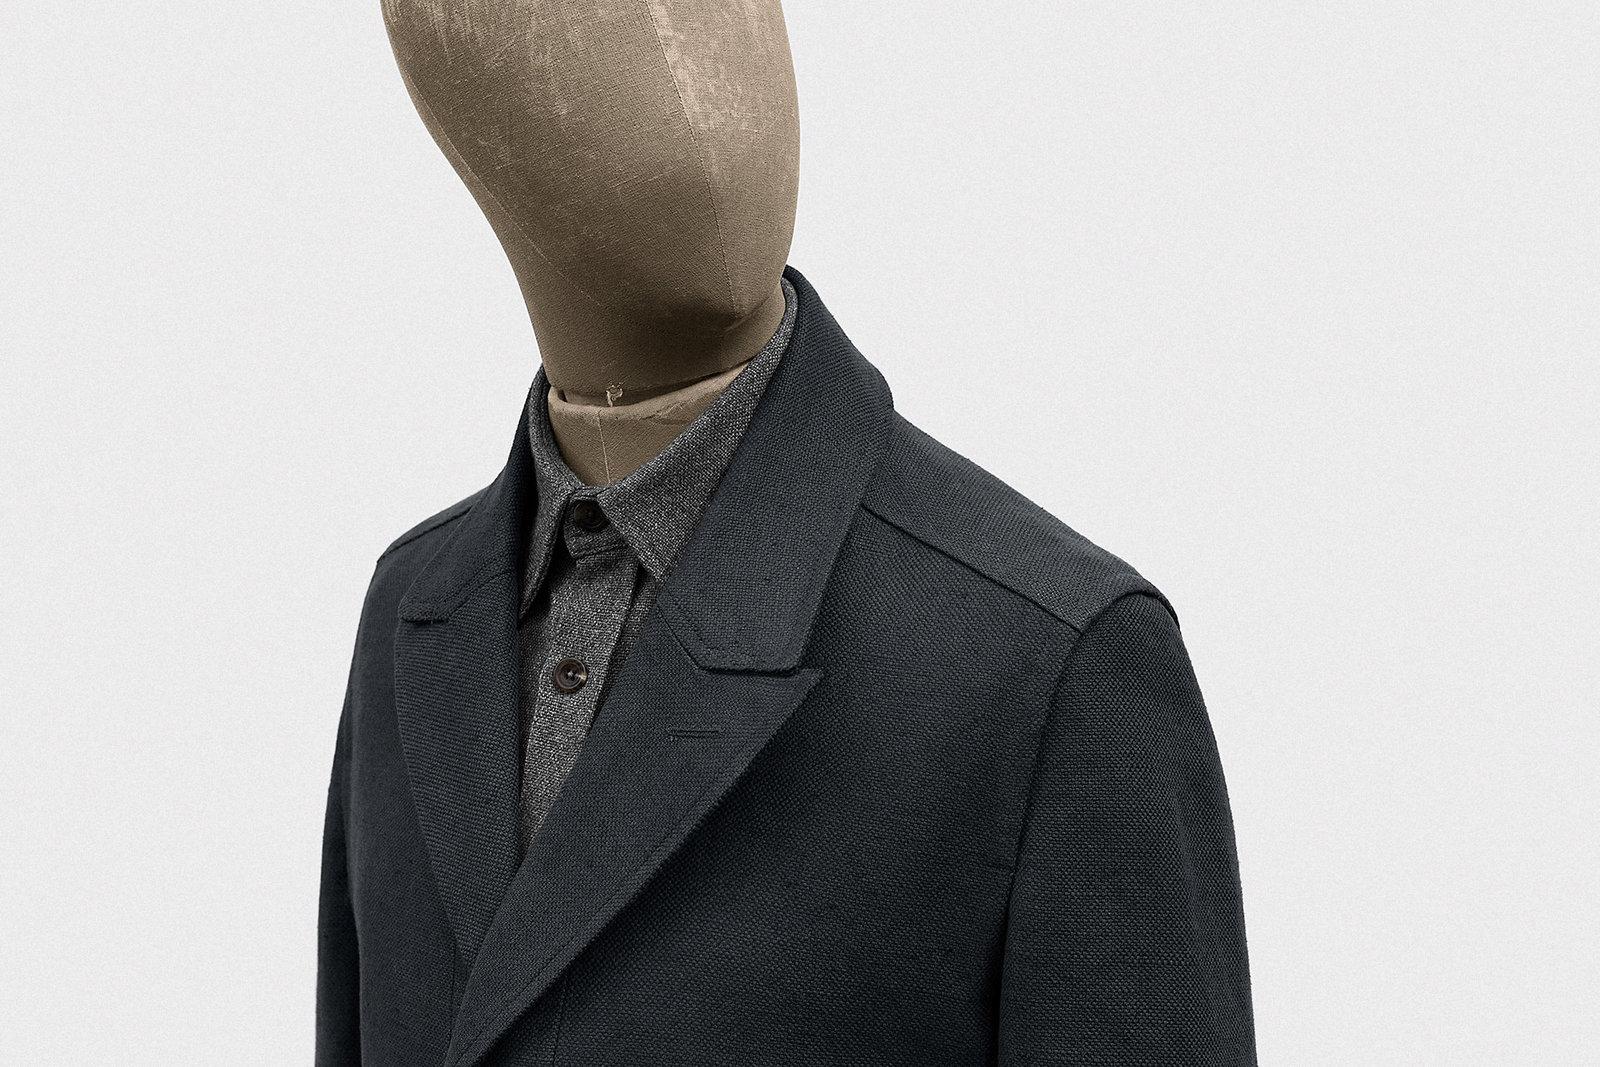 shopcoat-grey-3@2x.jpg